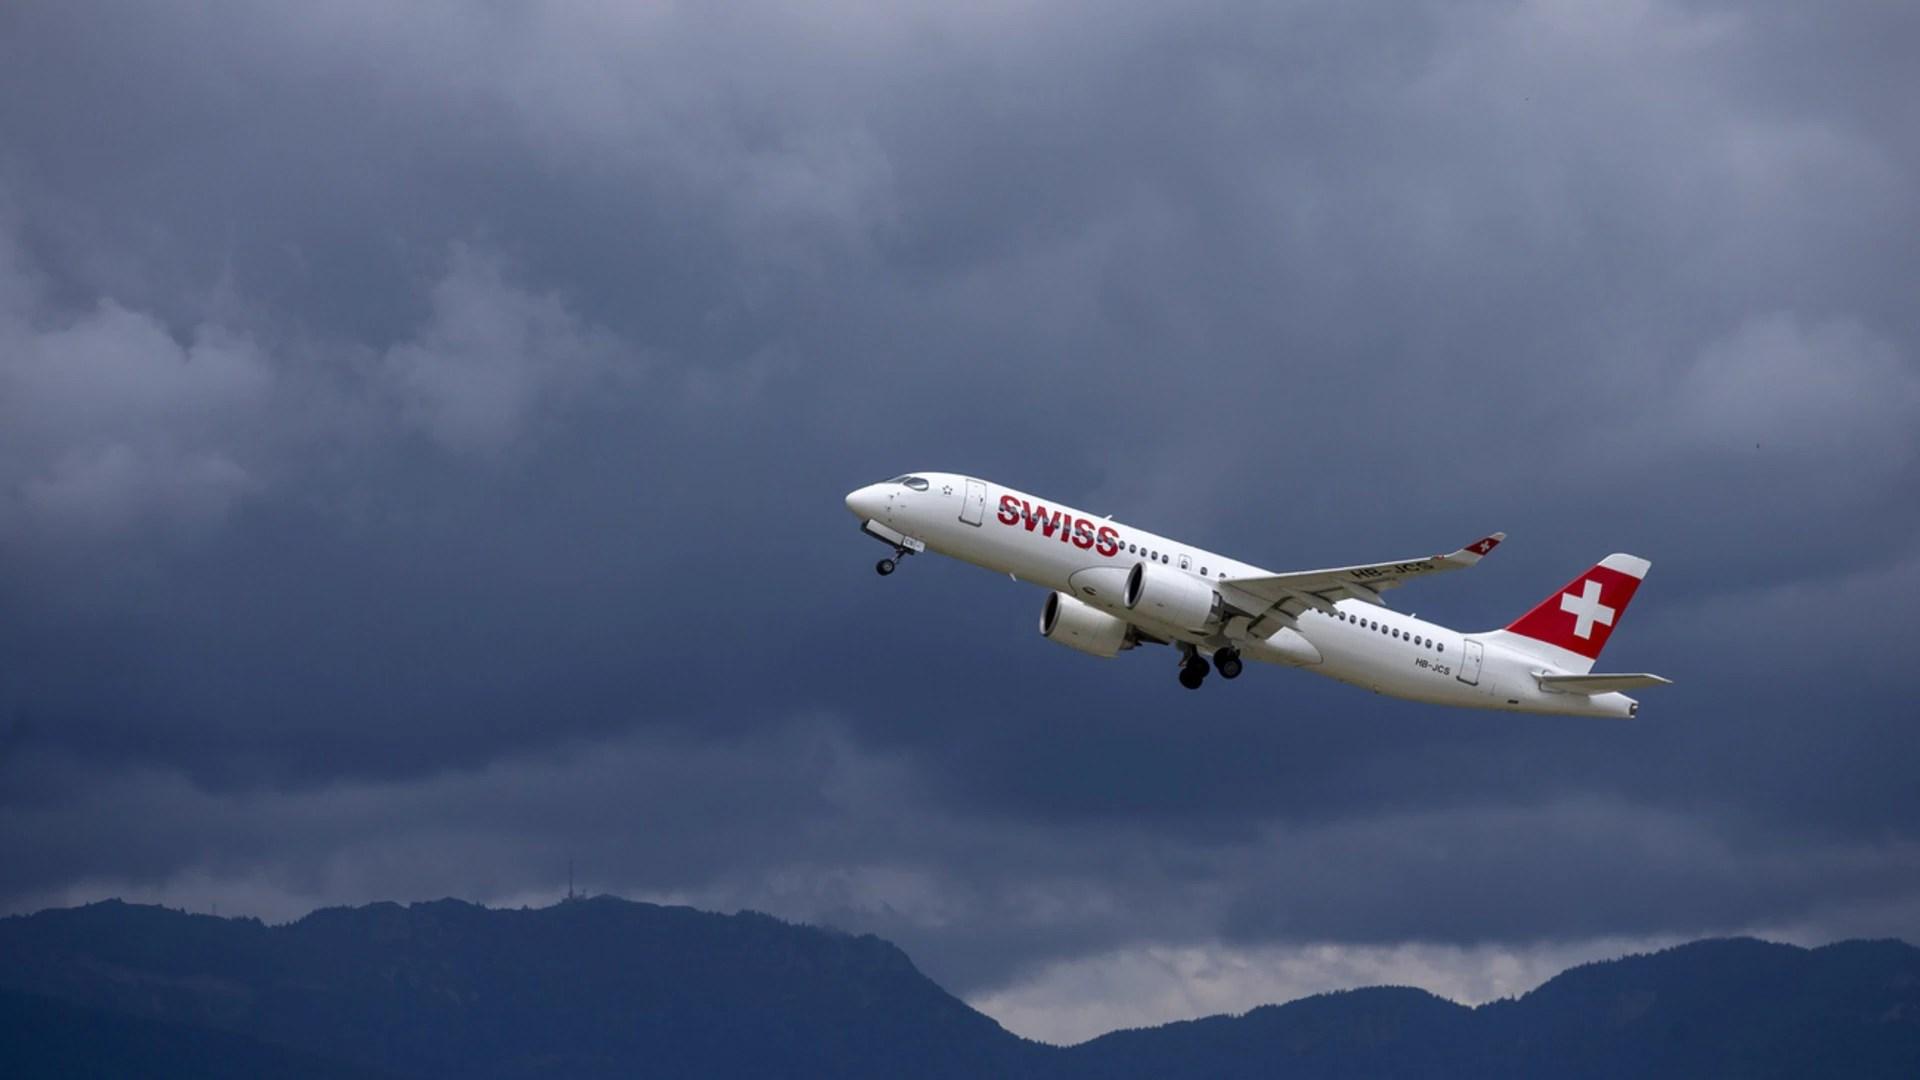 SWISS cuts Geneva flights to 'absolute minimum' - SWI swissinfo.ch